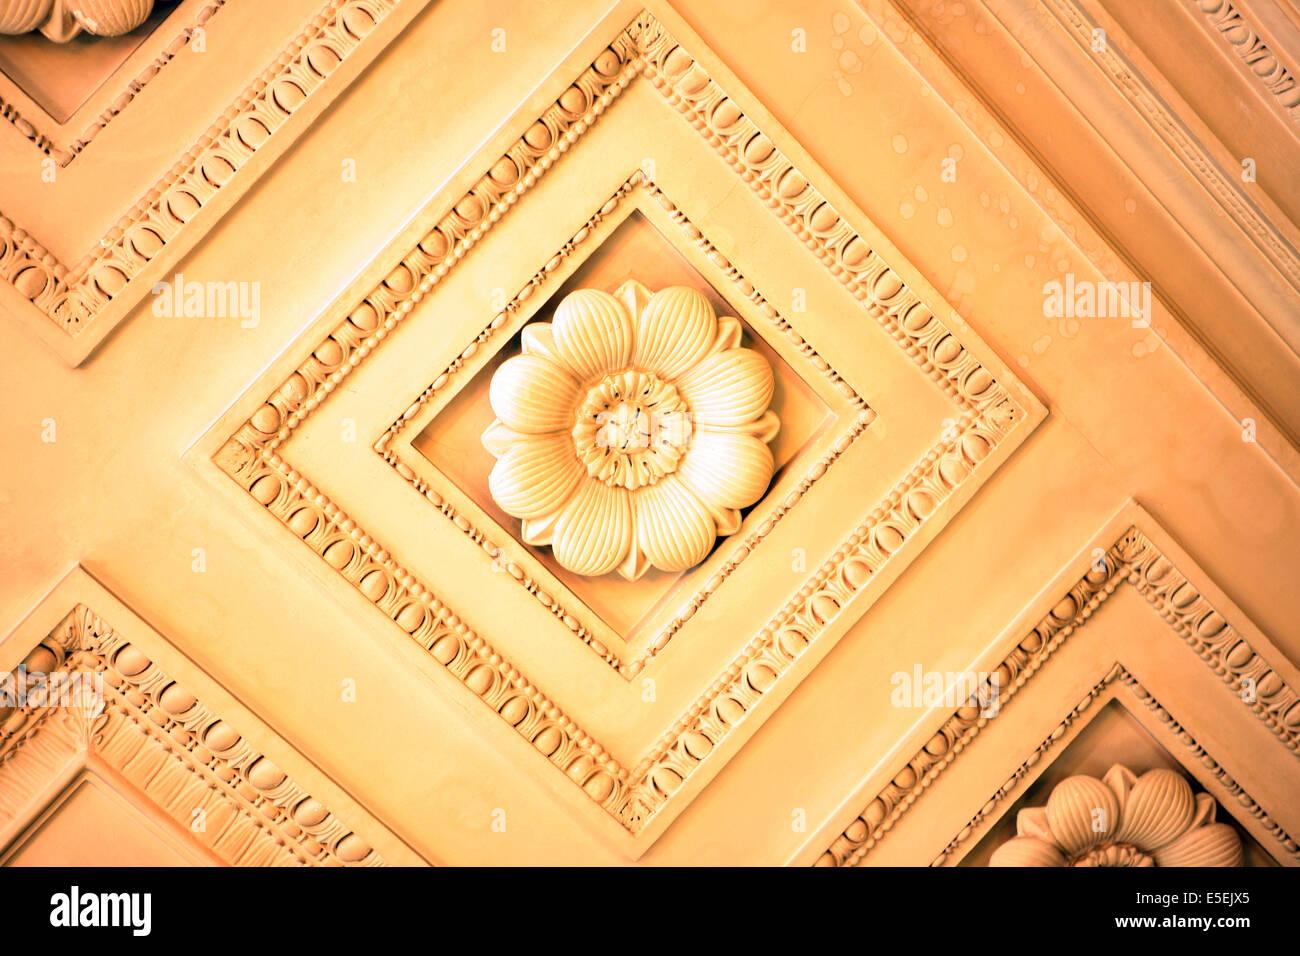 France, paris 9e, mairie du 9e, 6 rue drouot, Hotel d'Augny, plafond a caissons, escalier d'honneur - Stock Image